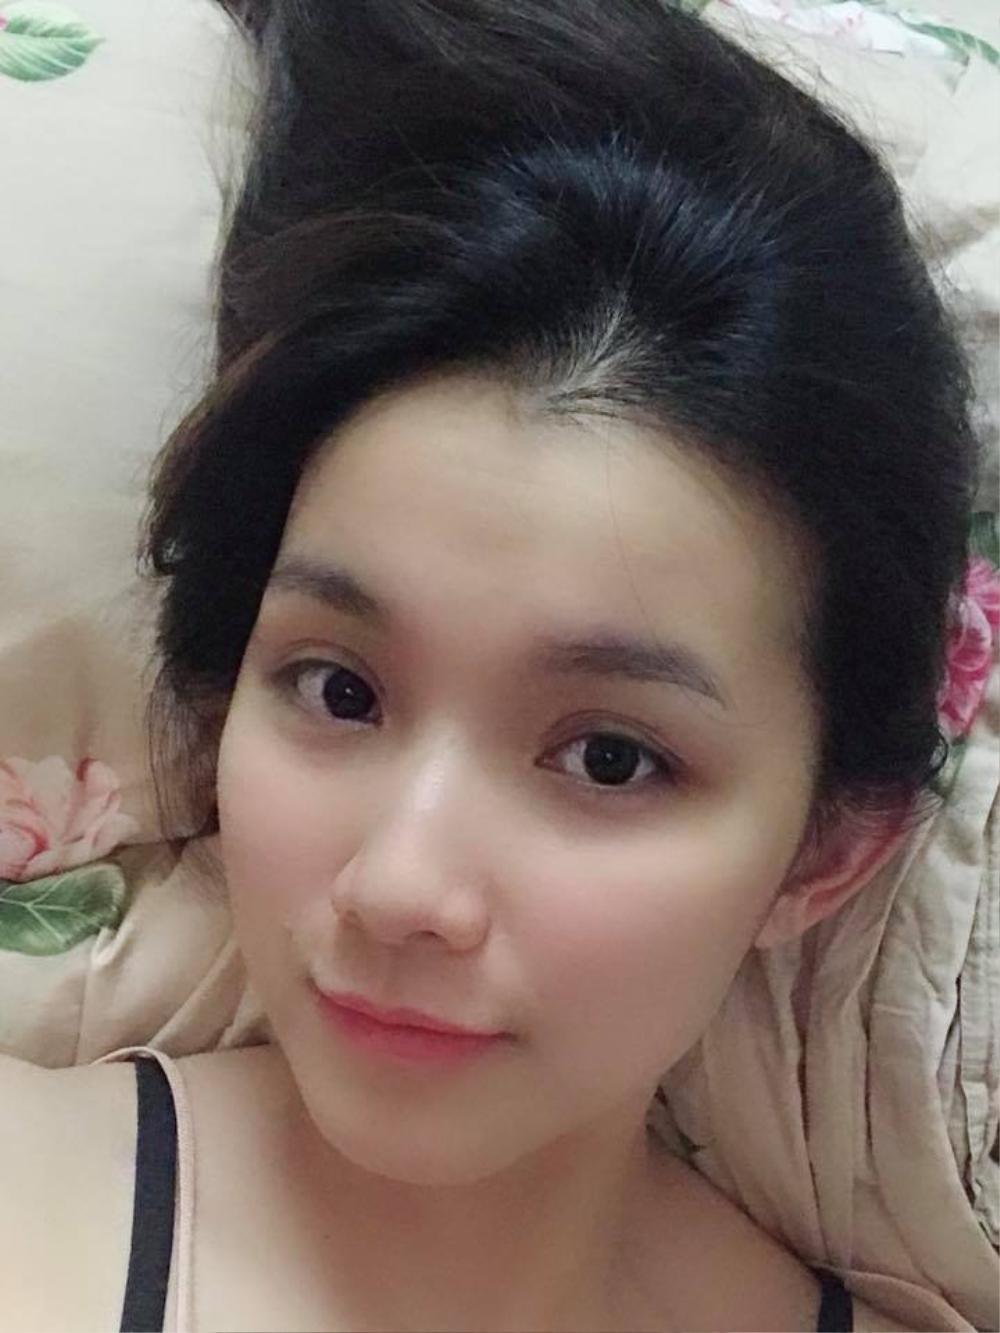 Top 15 Hoa hậu Hoàn vũ - Thuỳ Lâm 'tái xuất' với nhan sắc rạng rỡ: Đúng đẳng cấp đại mỹ nhân Vbiz! Ảnh 3